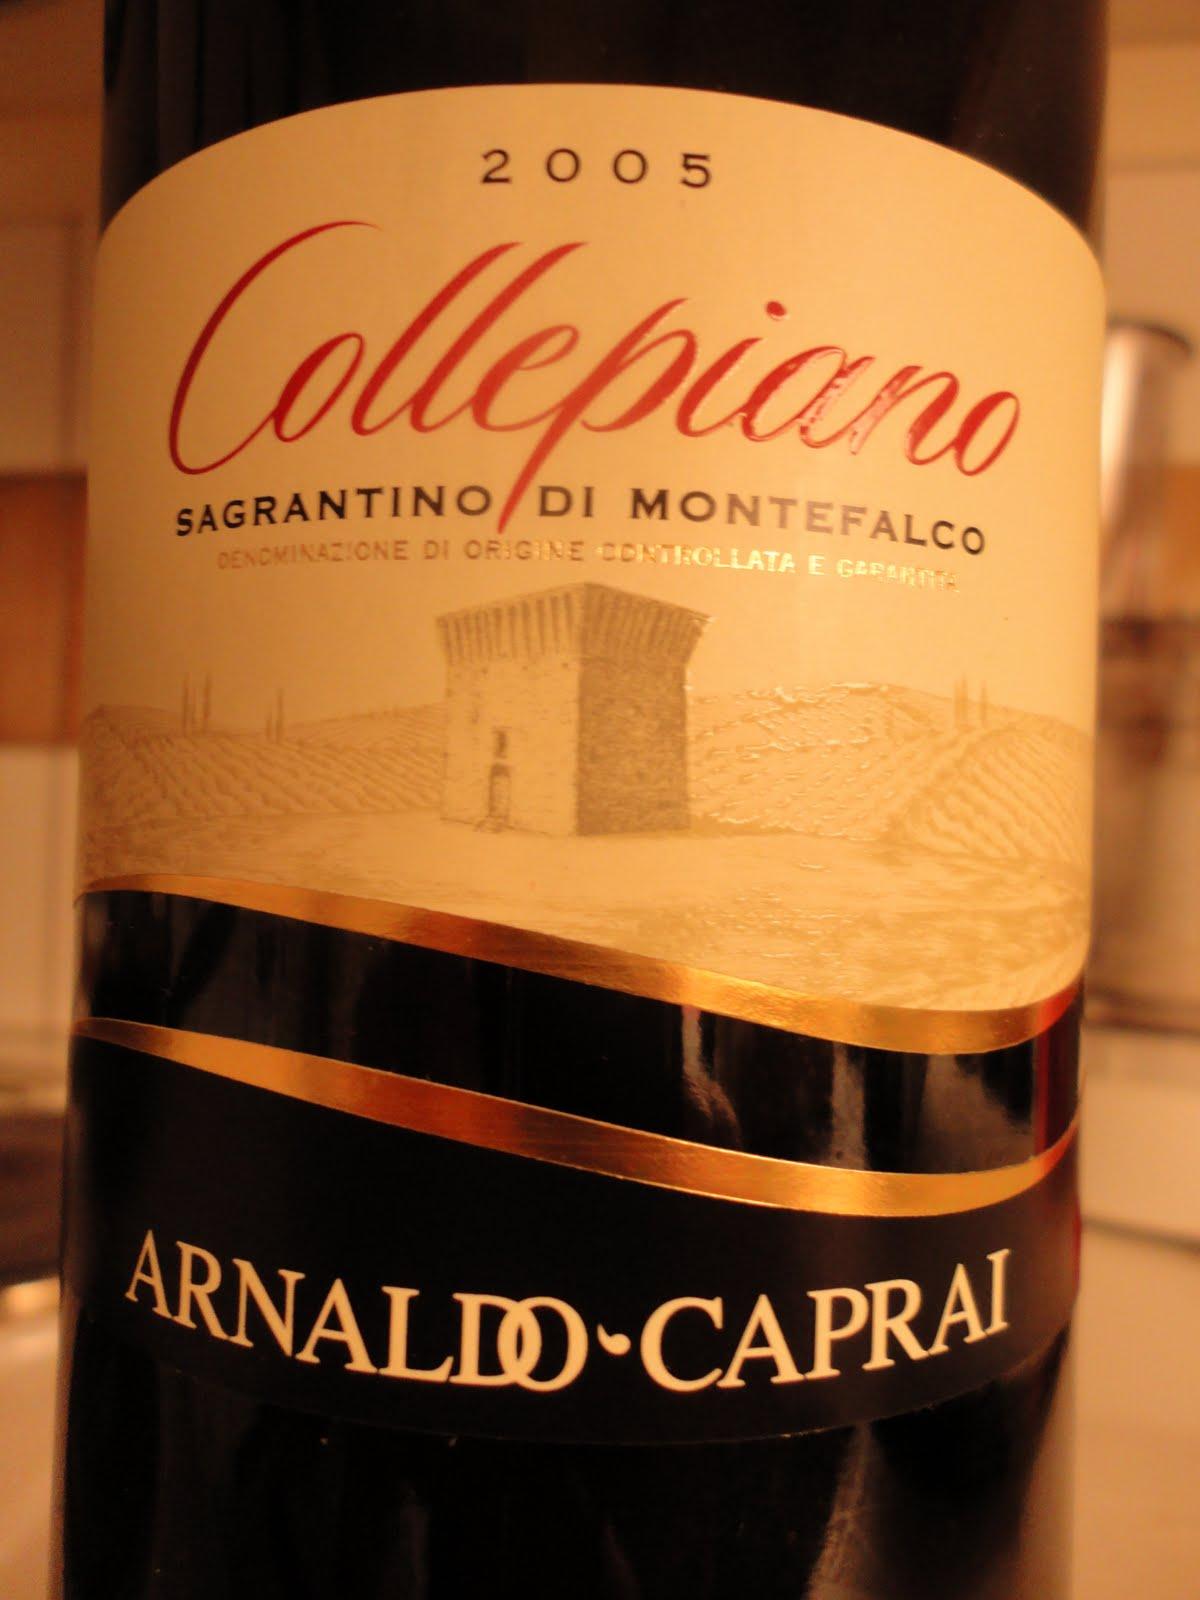 Vin slatstruket till saftiga priser